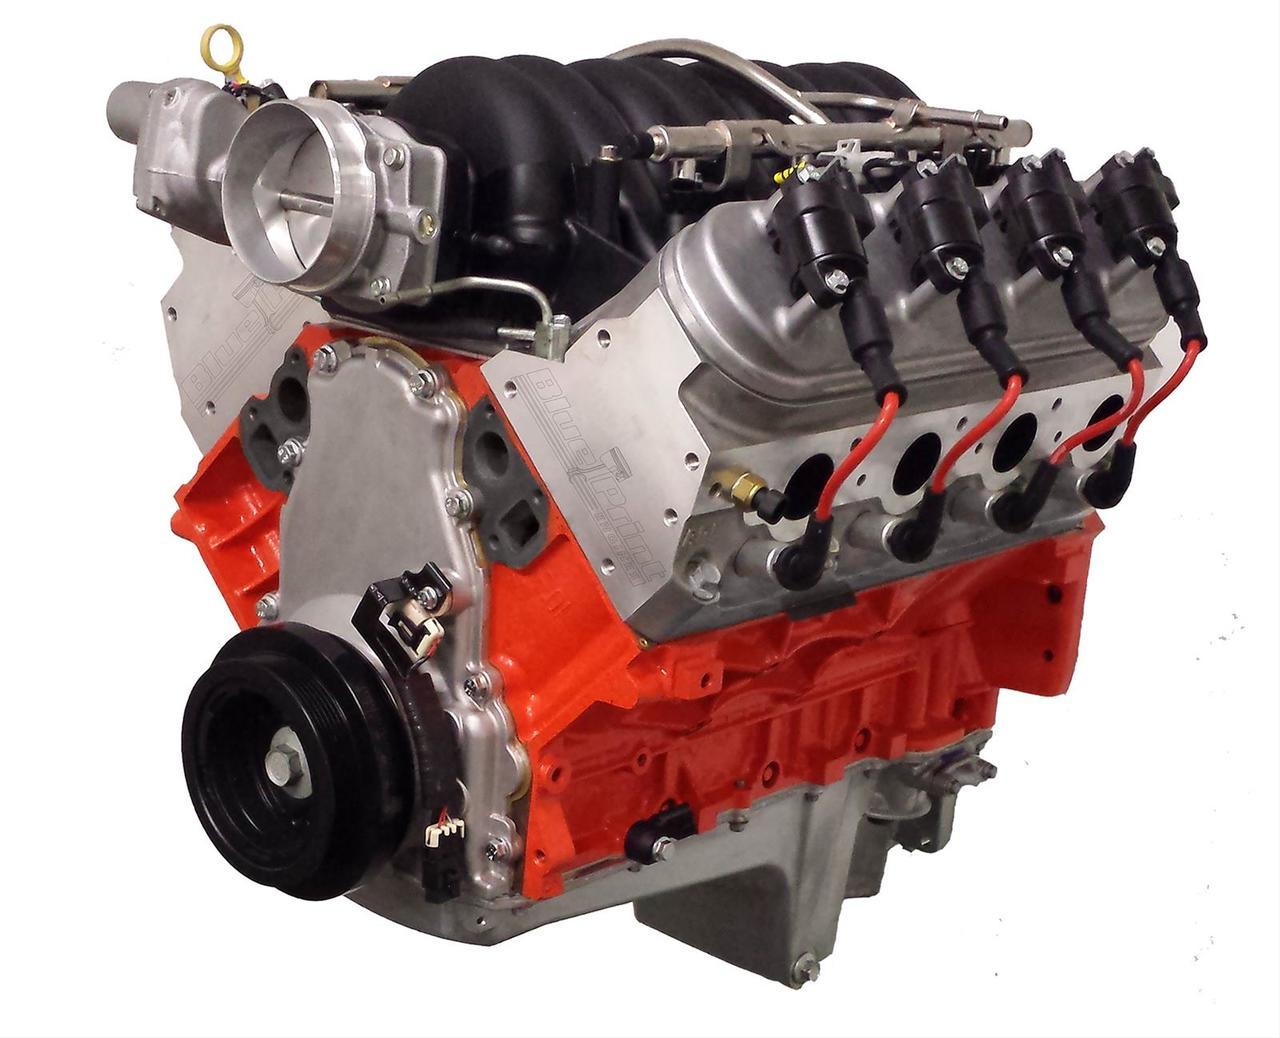 408 CI Stroker Motor | 585 HP